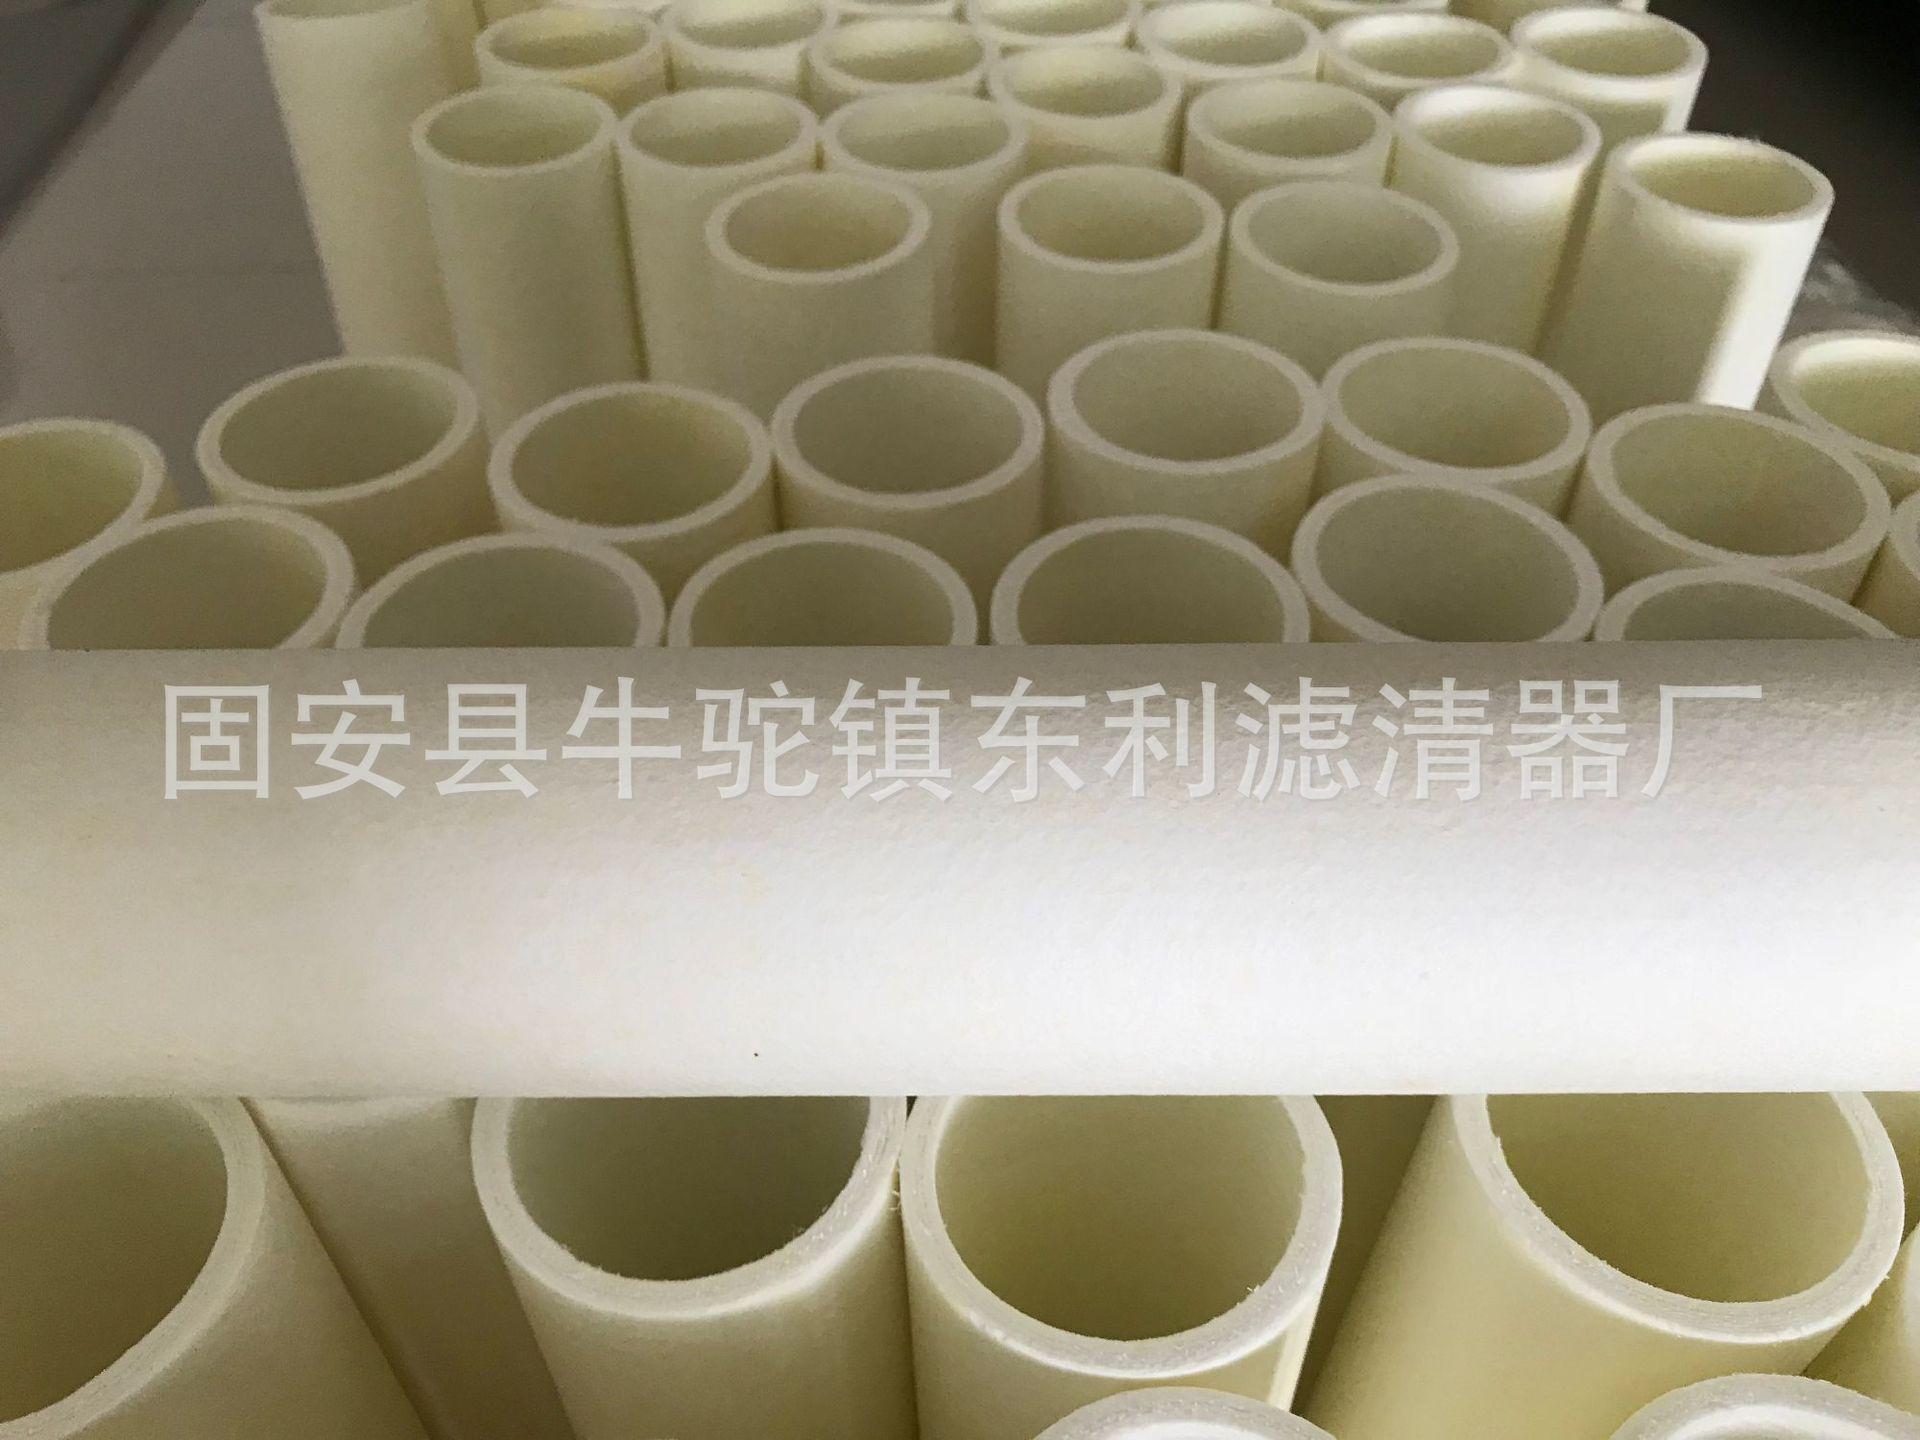 东利现货出售FLT486滤芯燃机油雾风机滤芯 FLT486